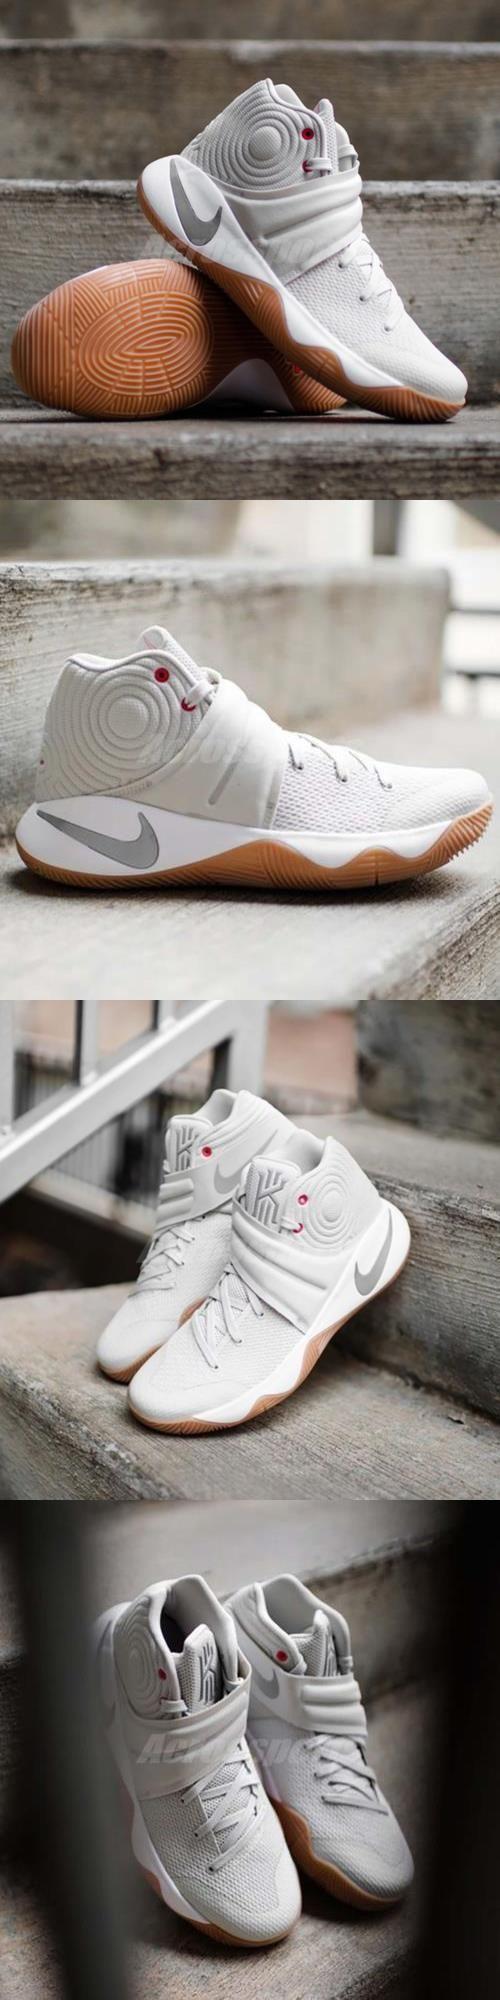 Basketball: Nike Kyrie 2 EP II Irving Summer Pack Light Bone Men Basketball Shoes 852399-001 BUY IT NOW ONLY: $119.99 #priceabateBasketball OR #priceabate - best mens shoes, kinds of mens shoes, mens comfort shoes